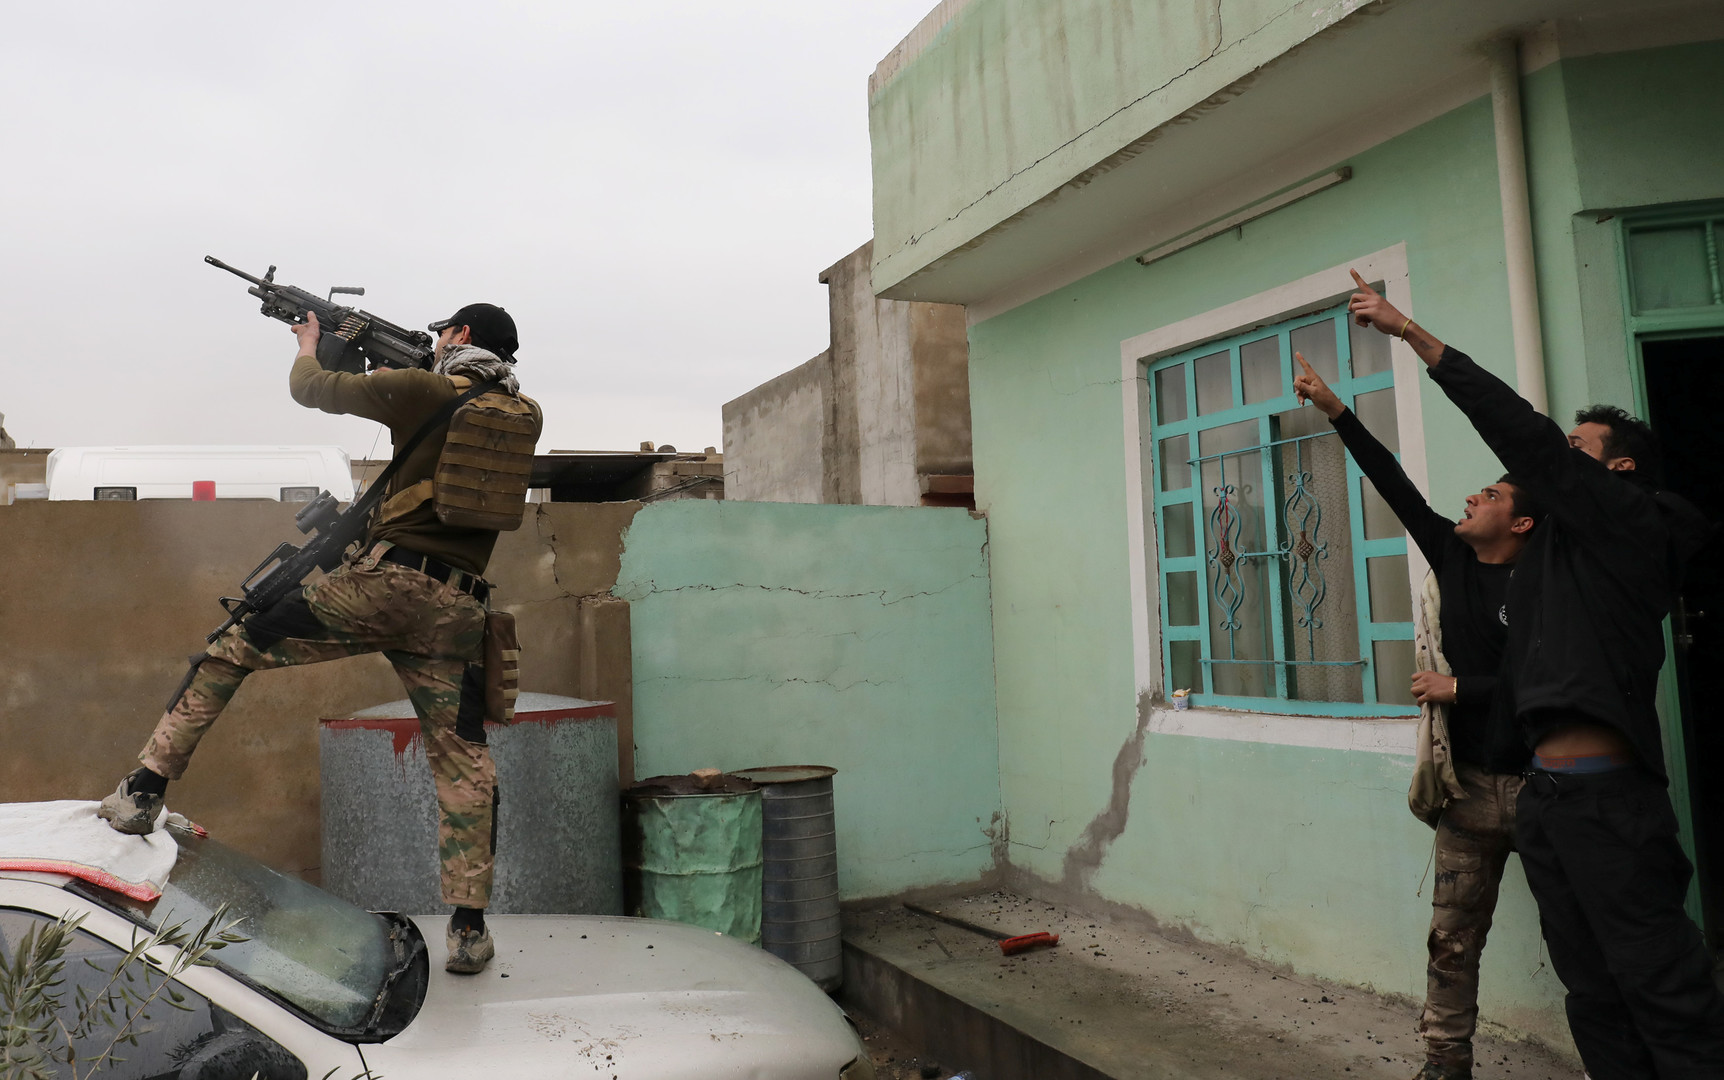 تصفية 6 إرهابيين في العراق